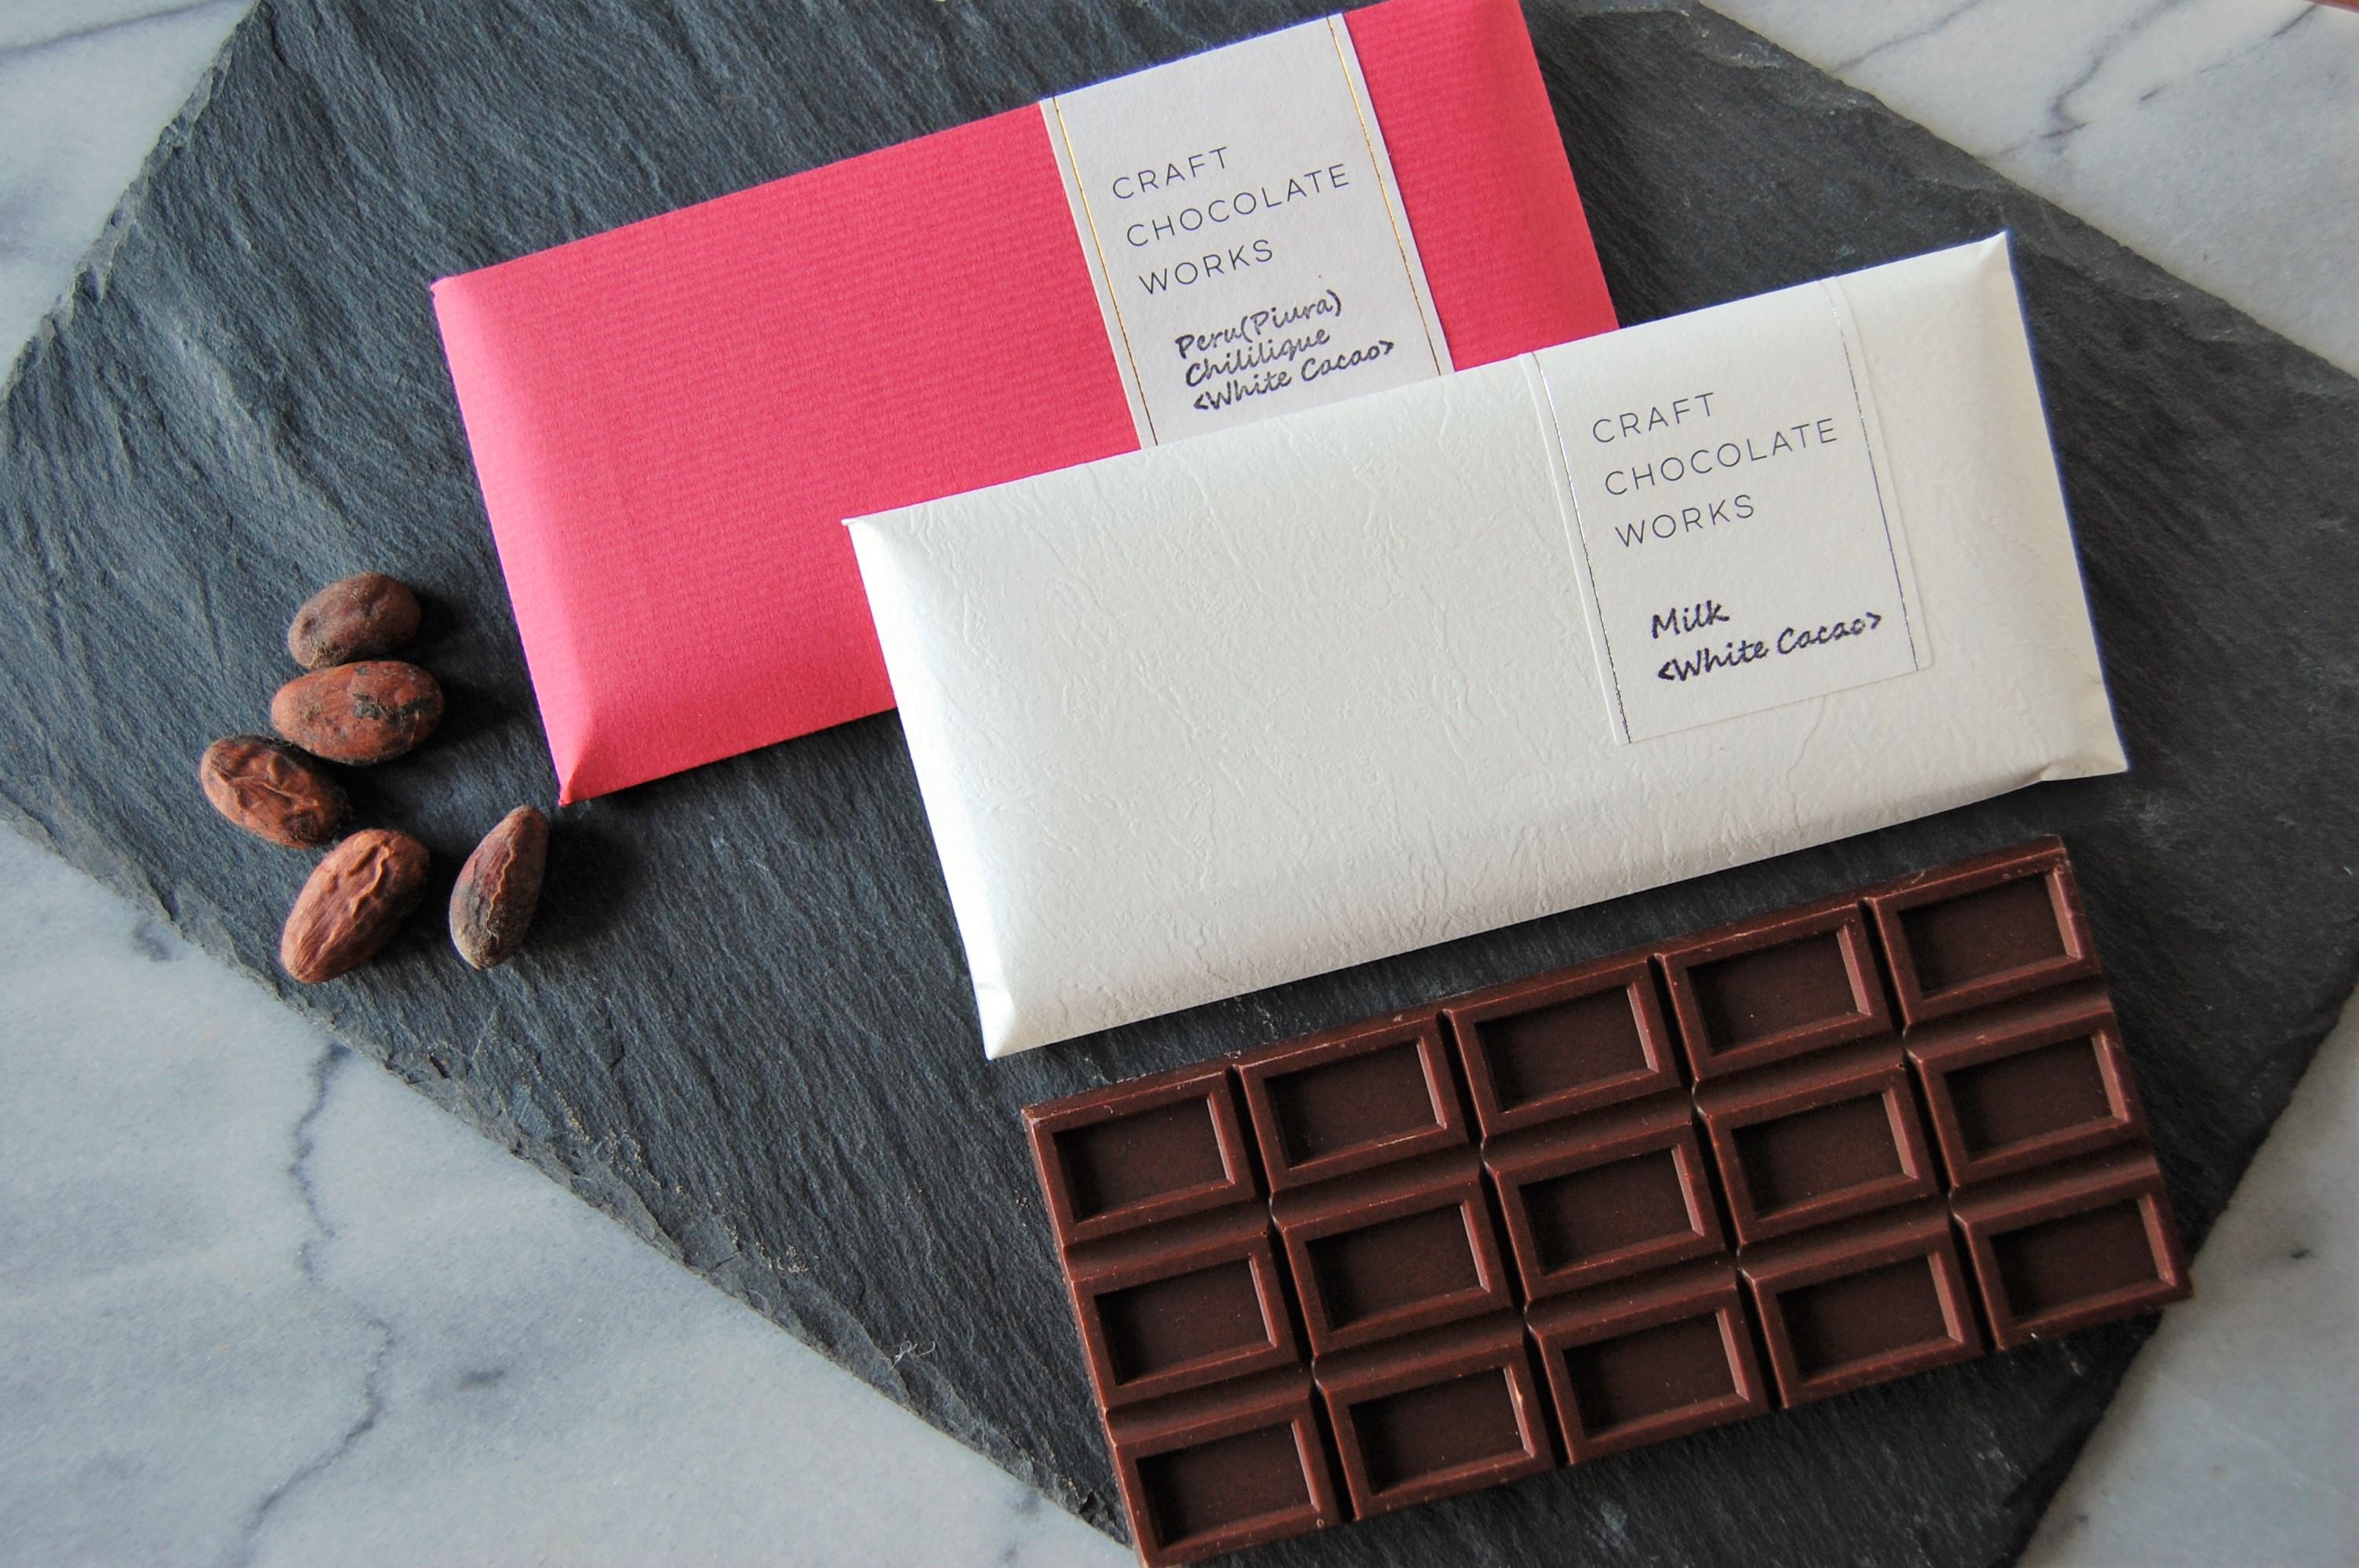 バレンタイン限定チョコレート!希少な『ホワイトカカオ』登場。